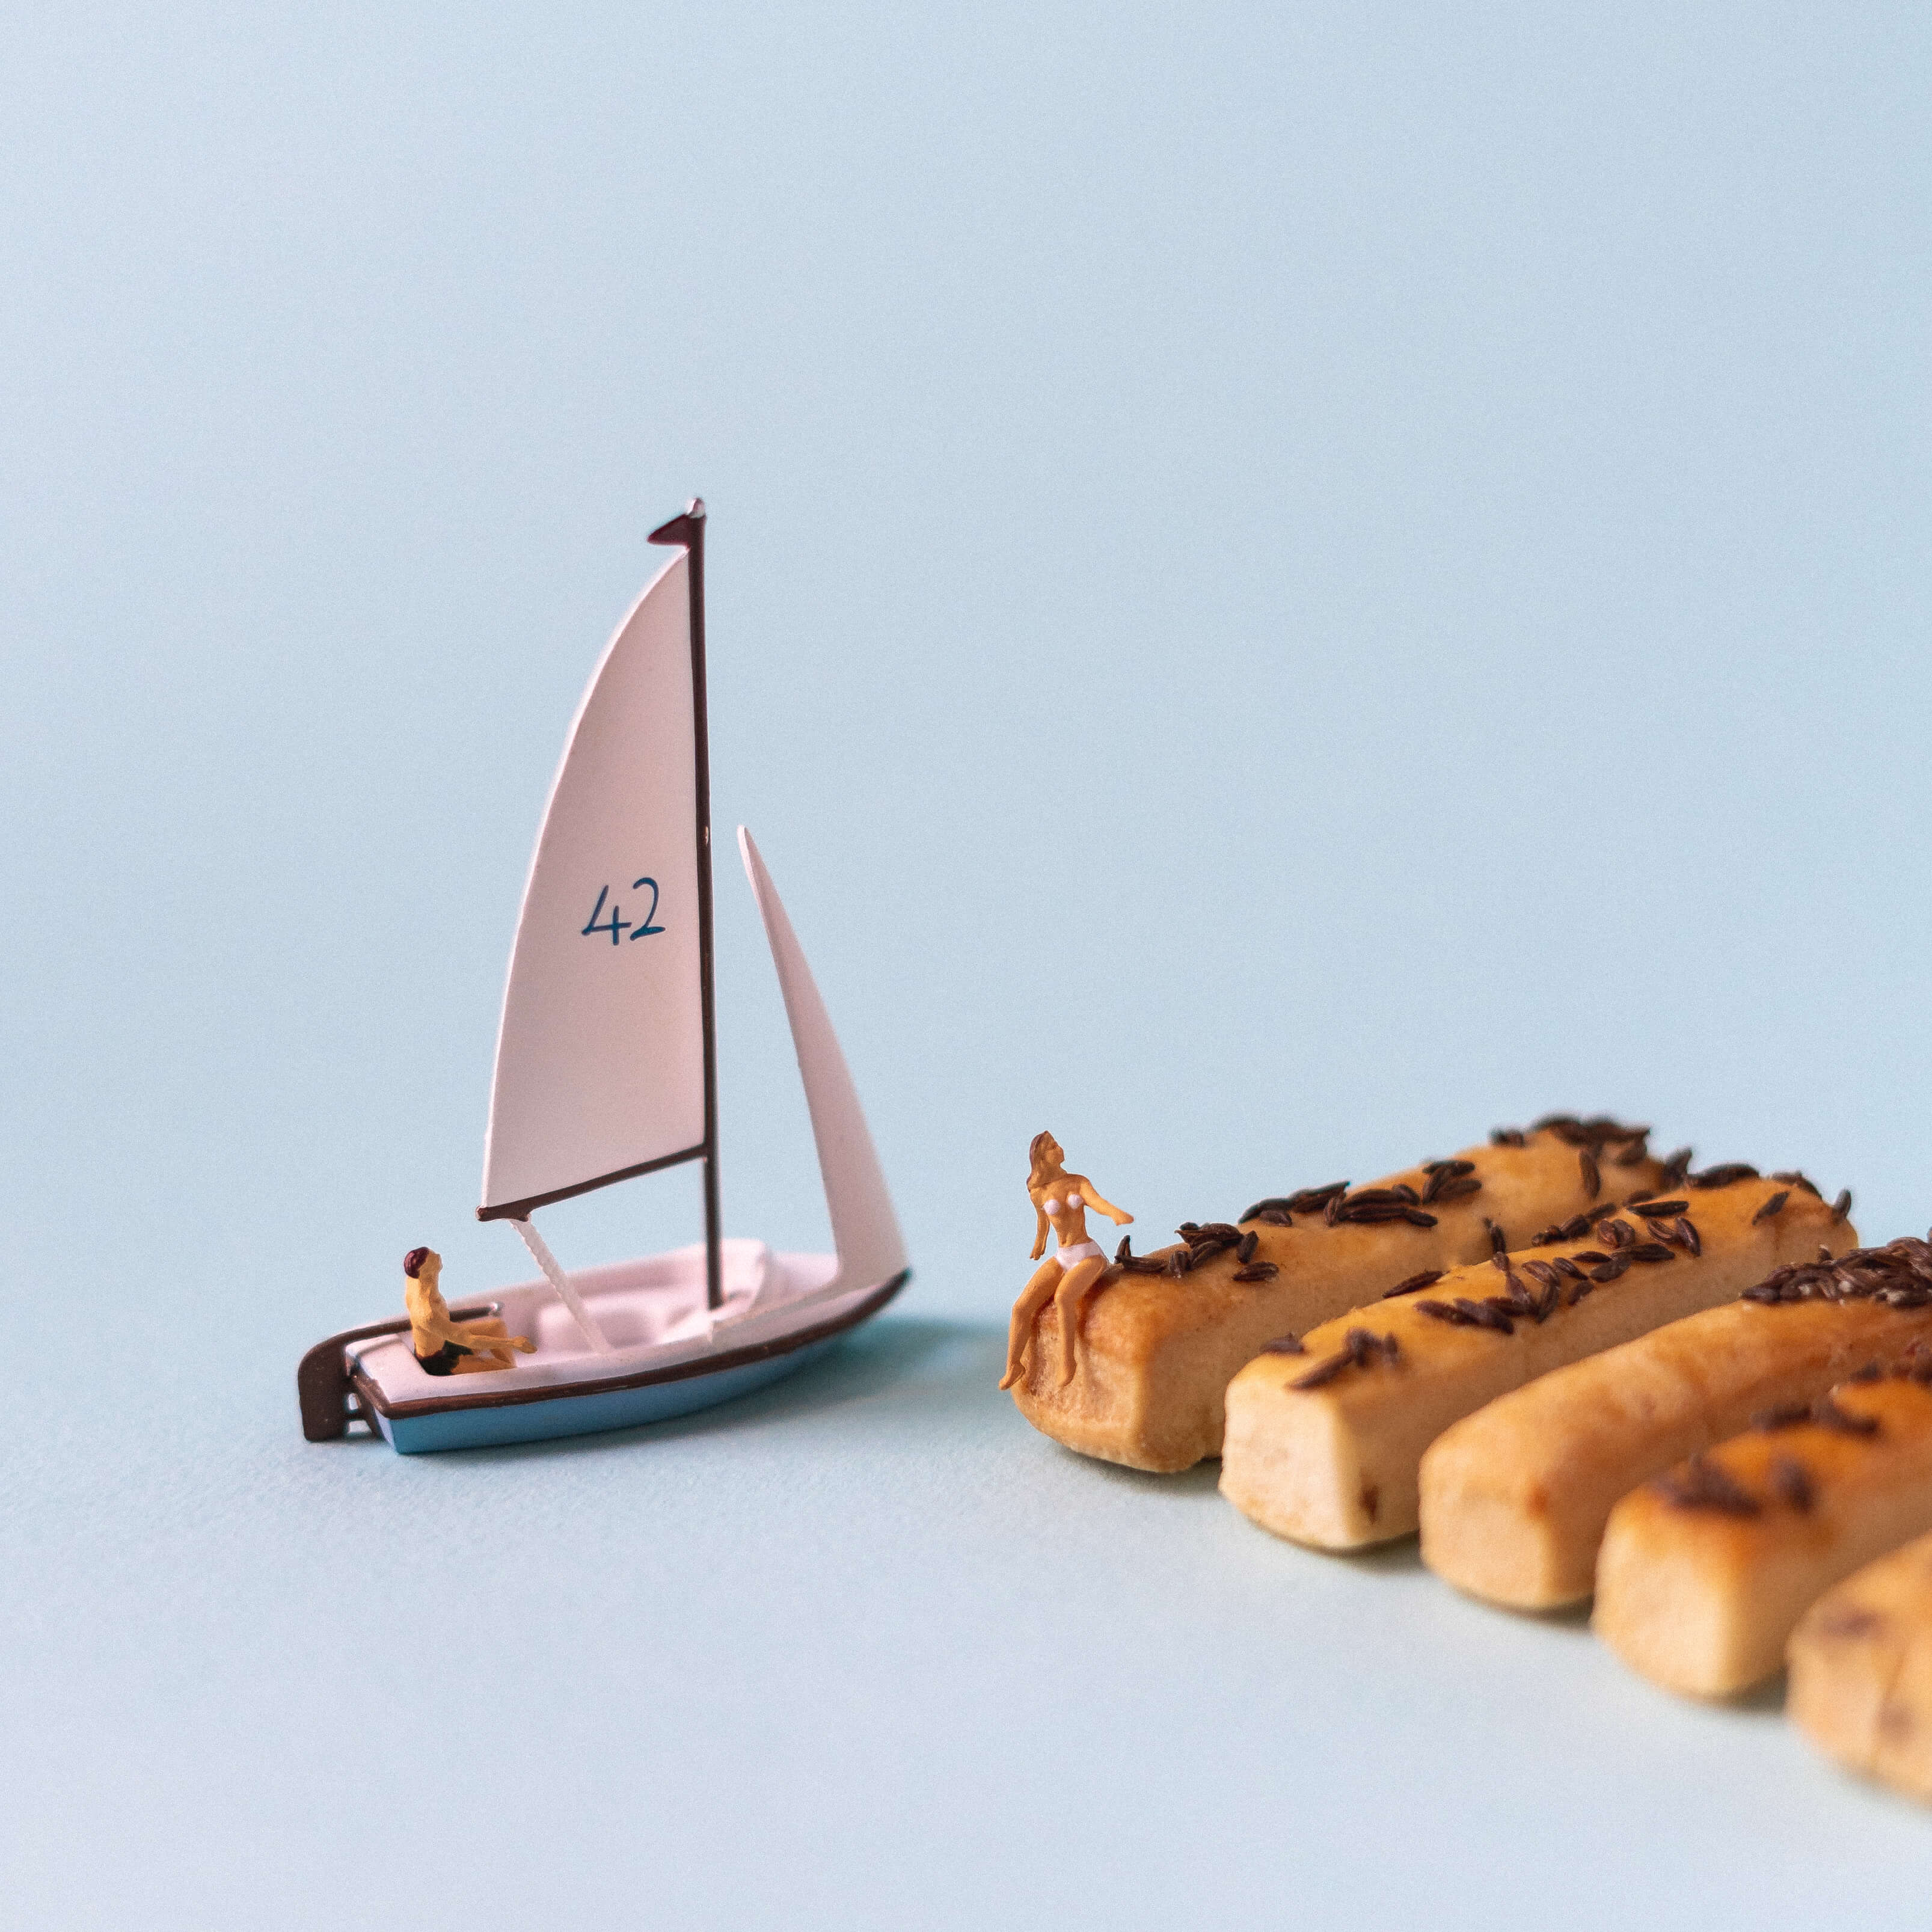 Biržų duona instagram 61 (1)